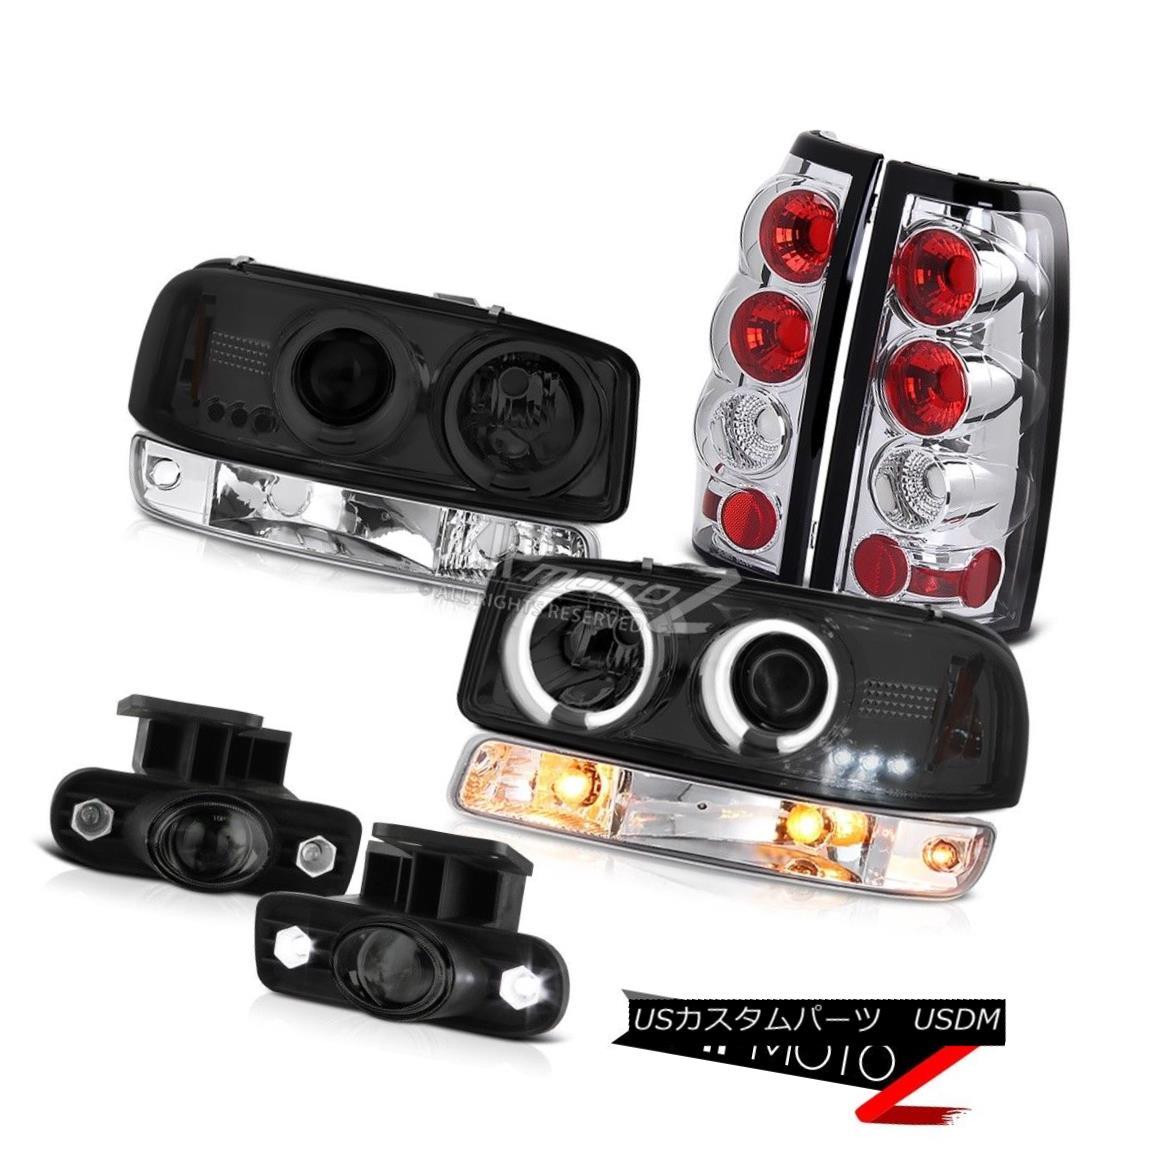 ヘッドライト 99-02 Sierra C3 Fog lights chrome rear brake lamps signal light ccfl headlamps 99-02シエラC3フォグライトクロームリアブレーキランプシグナルライトccflヘッドライト